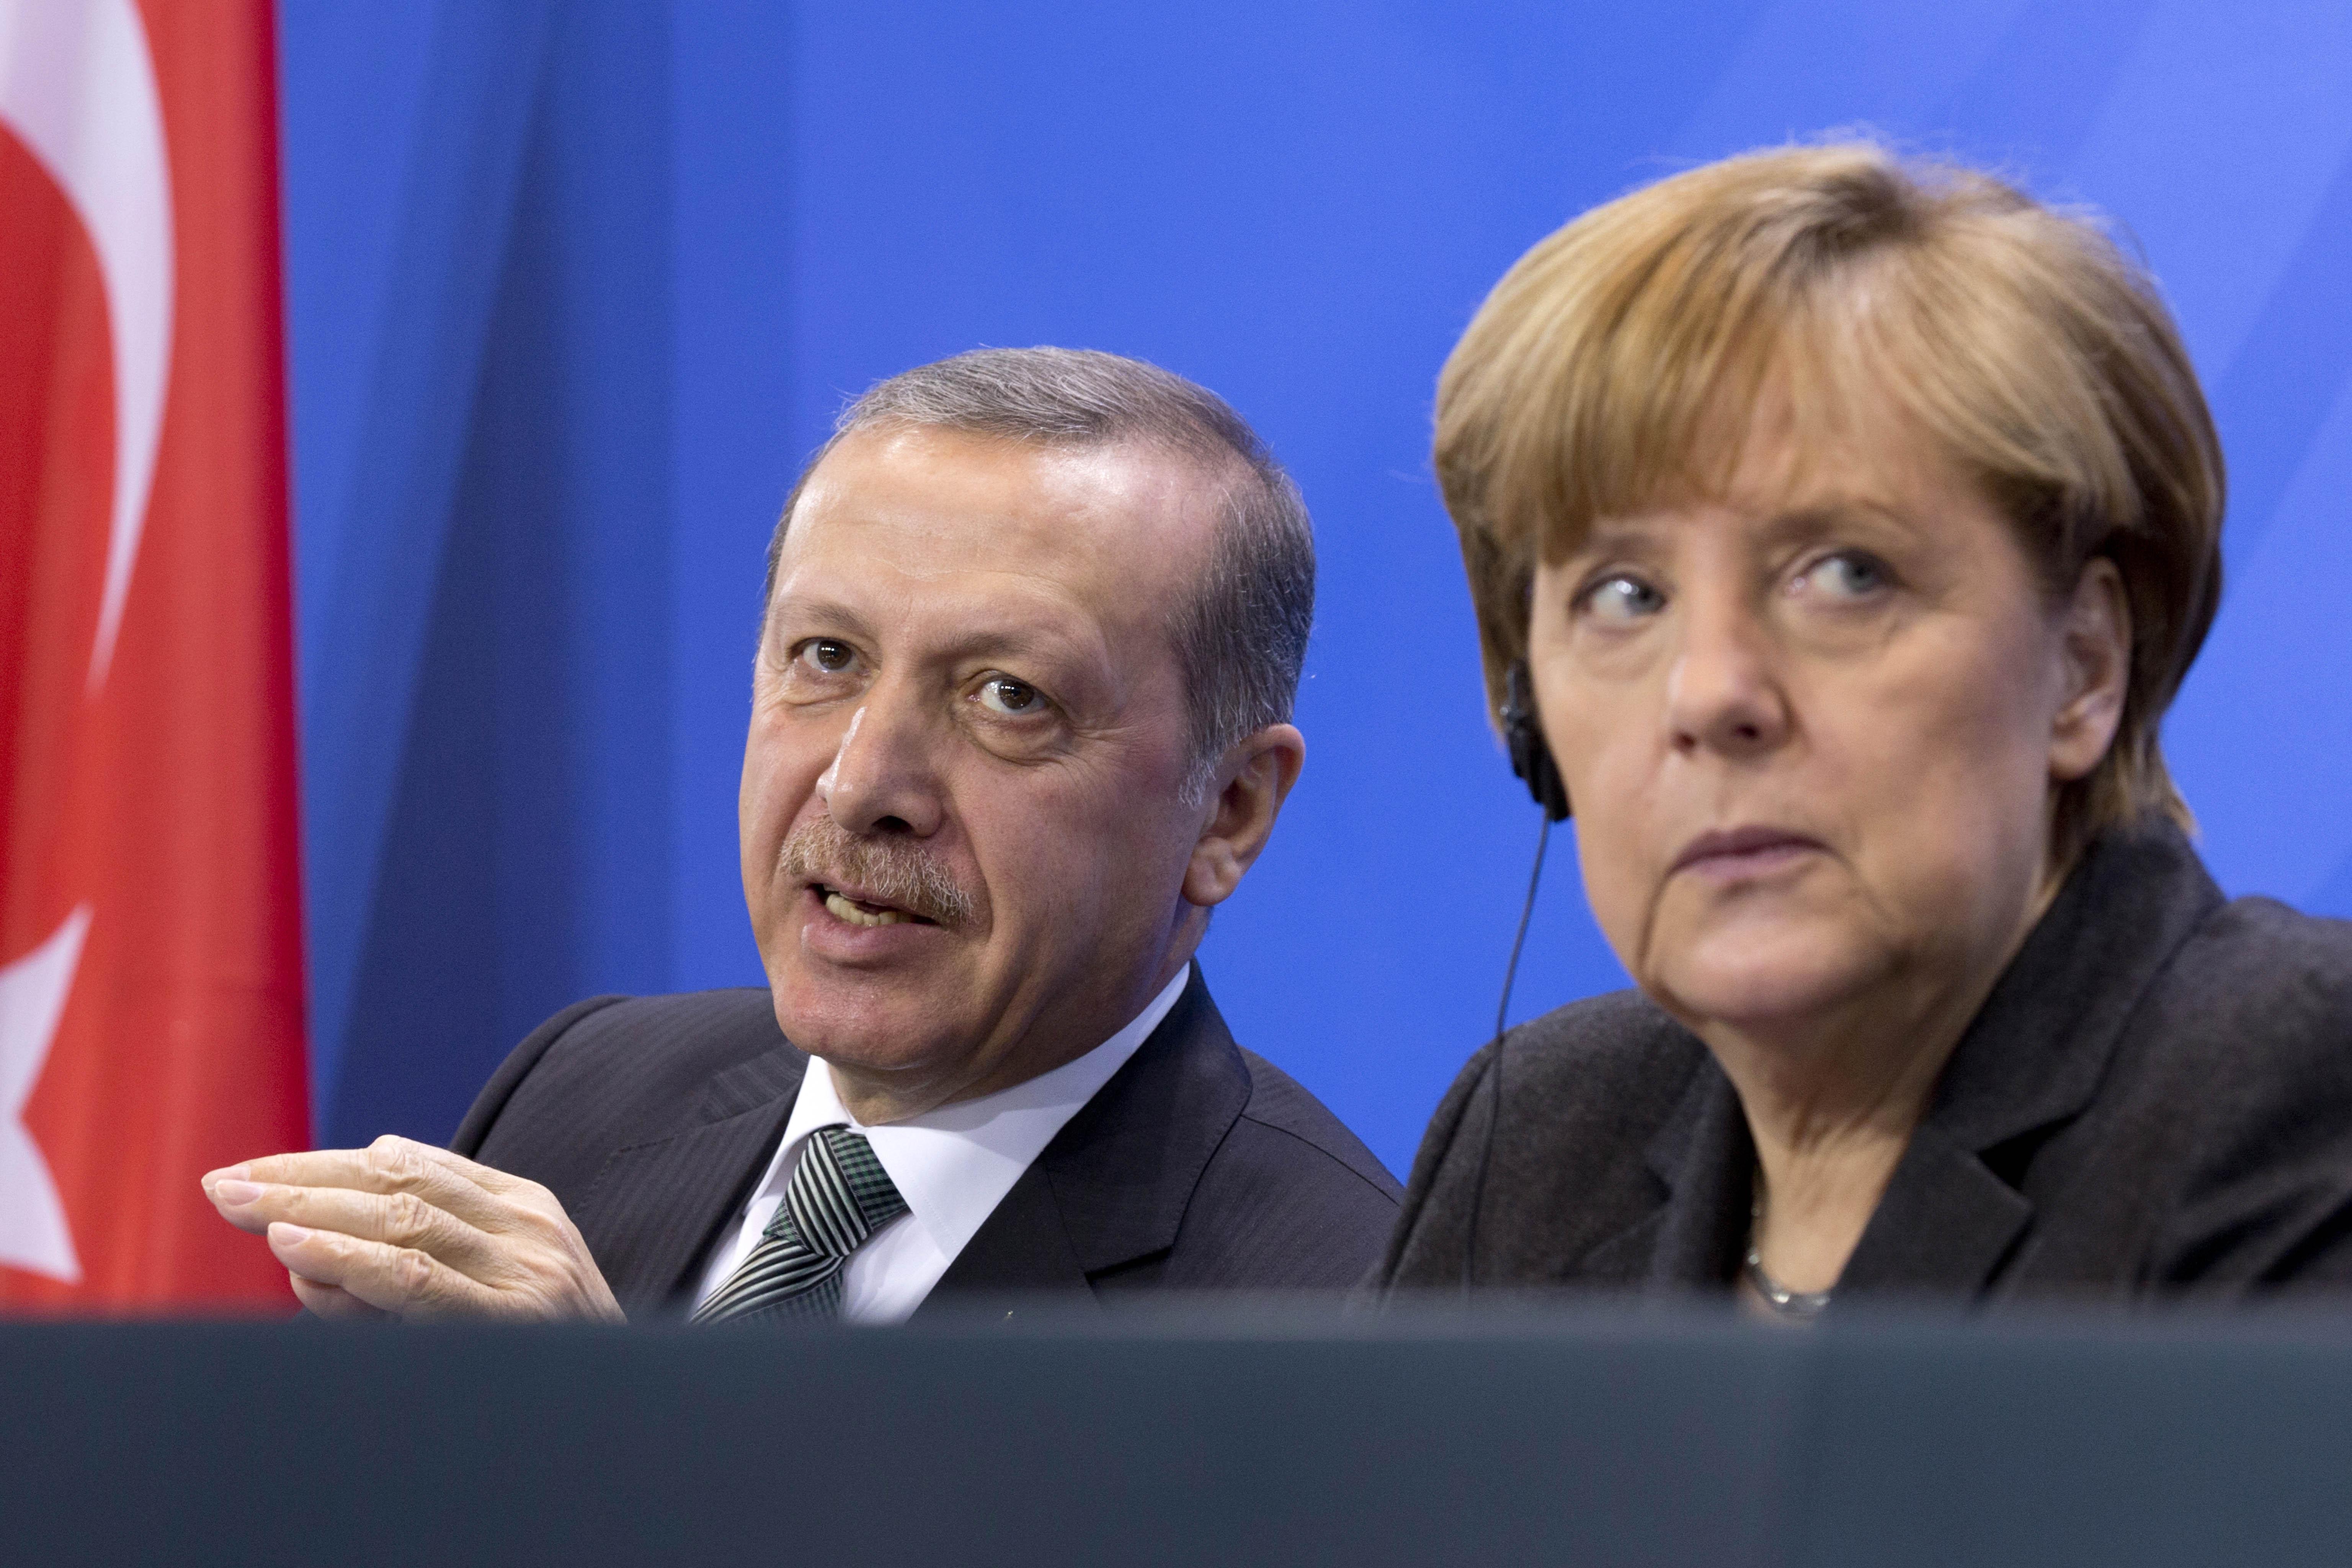 Германия объявила о пересмотре отношений с Турцией